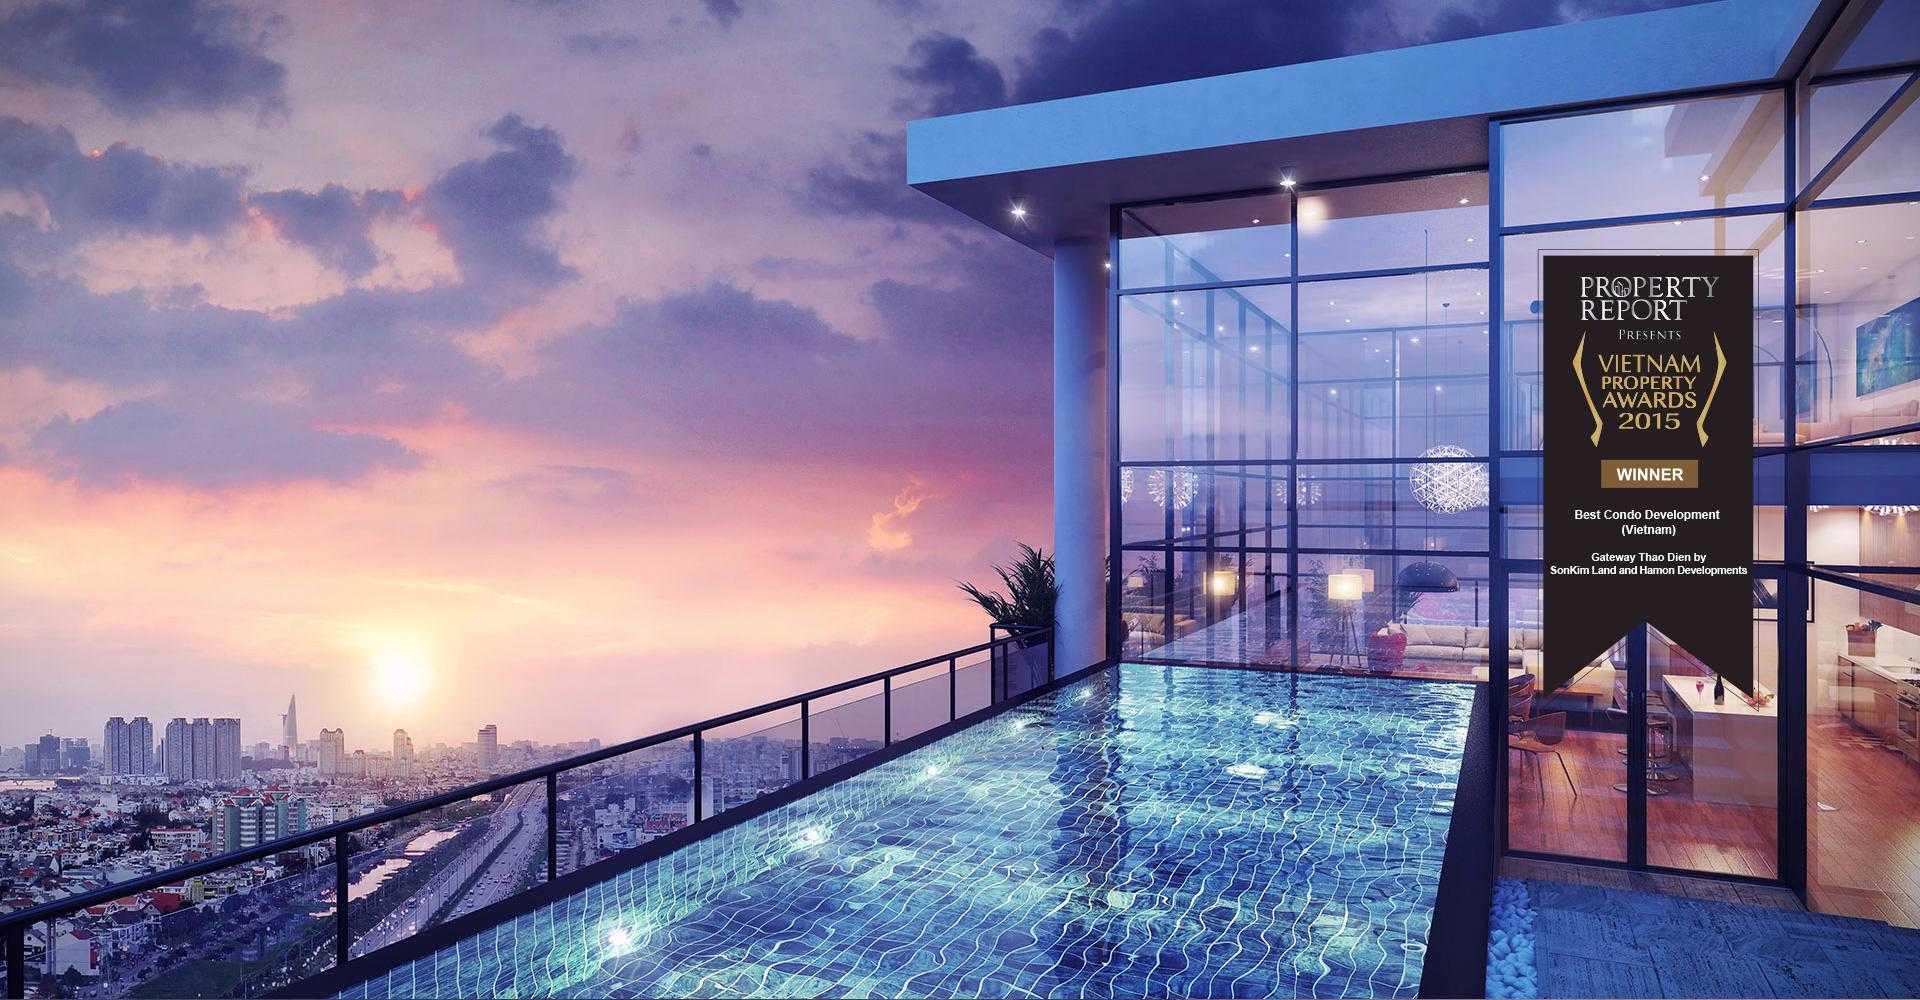 Dự án căn hộ chung cư Gateway Thảo Điền quận 2 - Mua bán, ký gửi giá tốt nhất